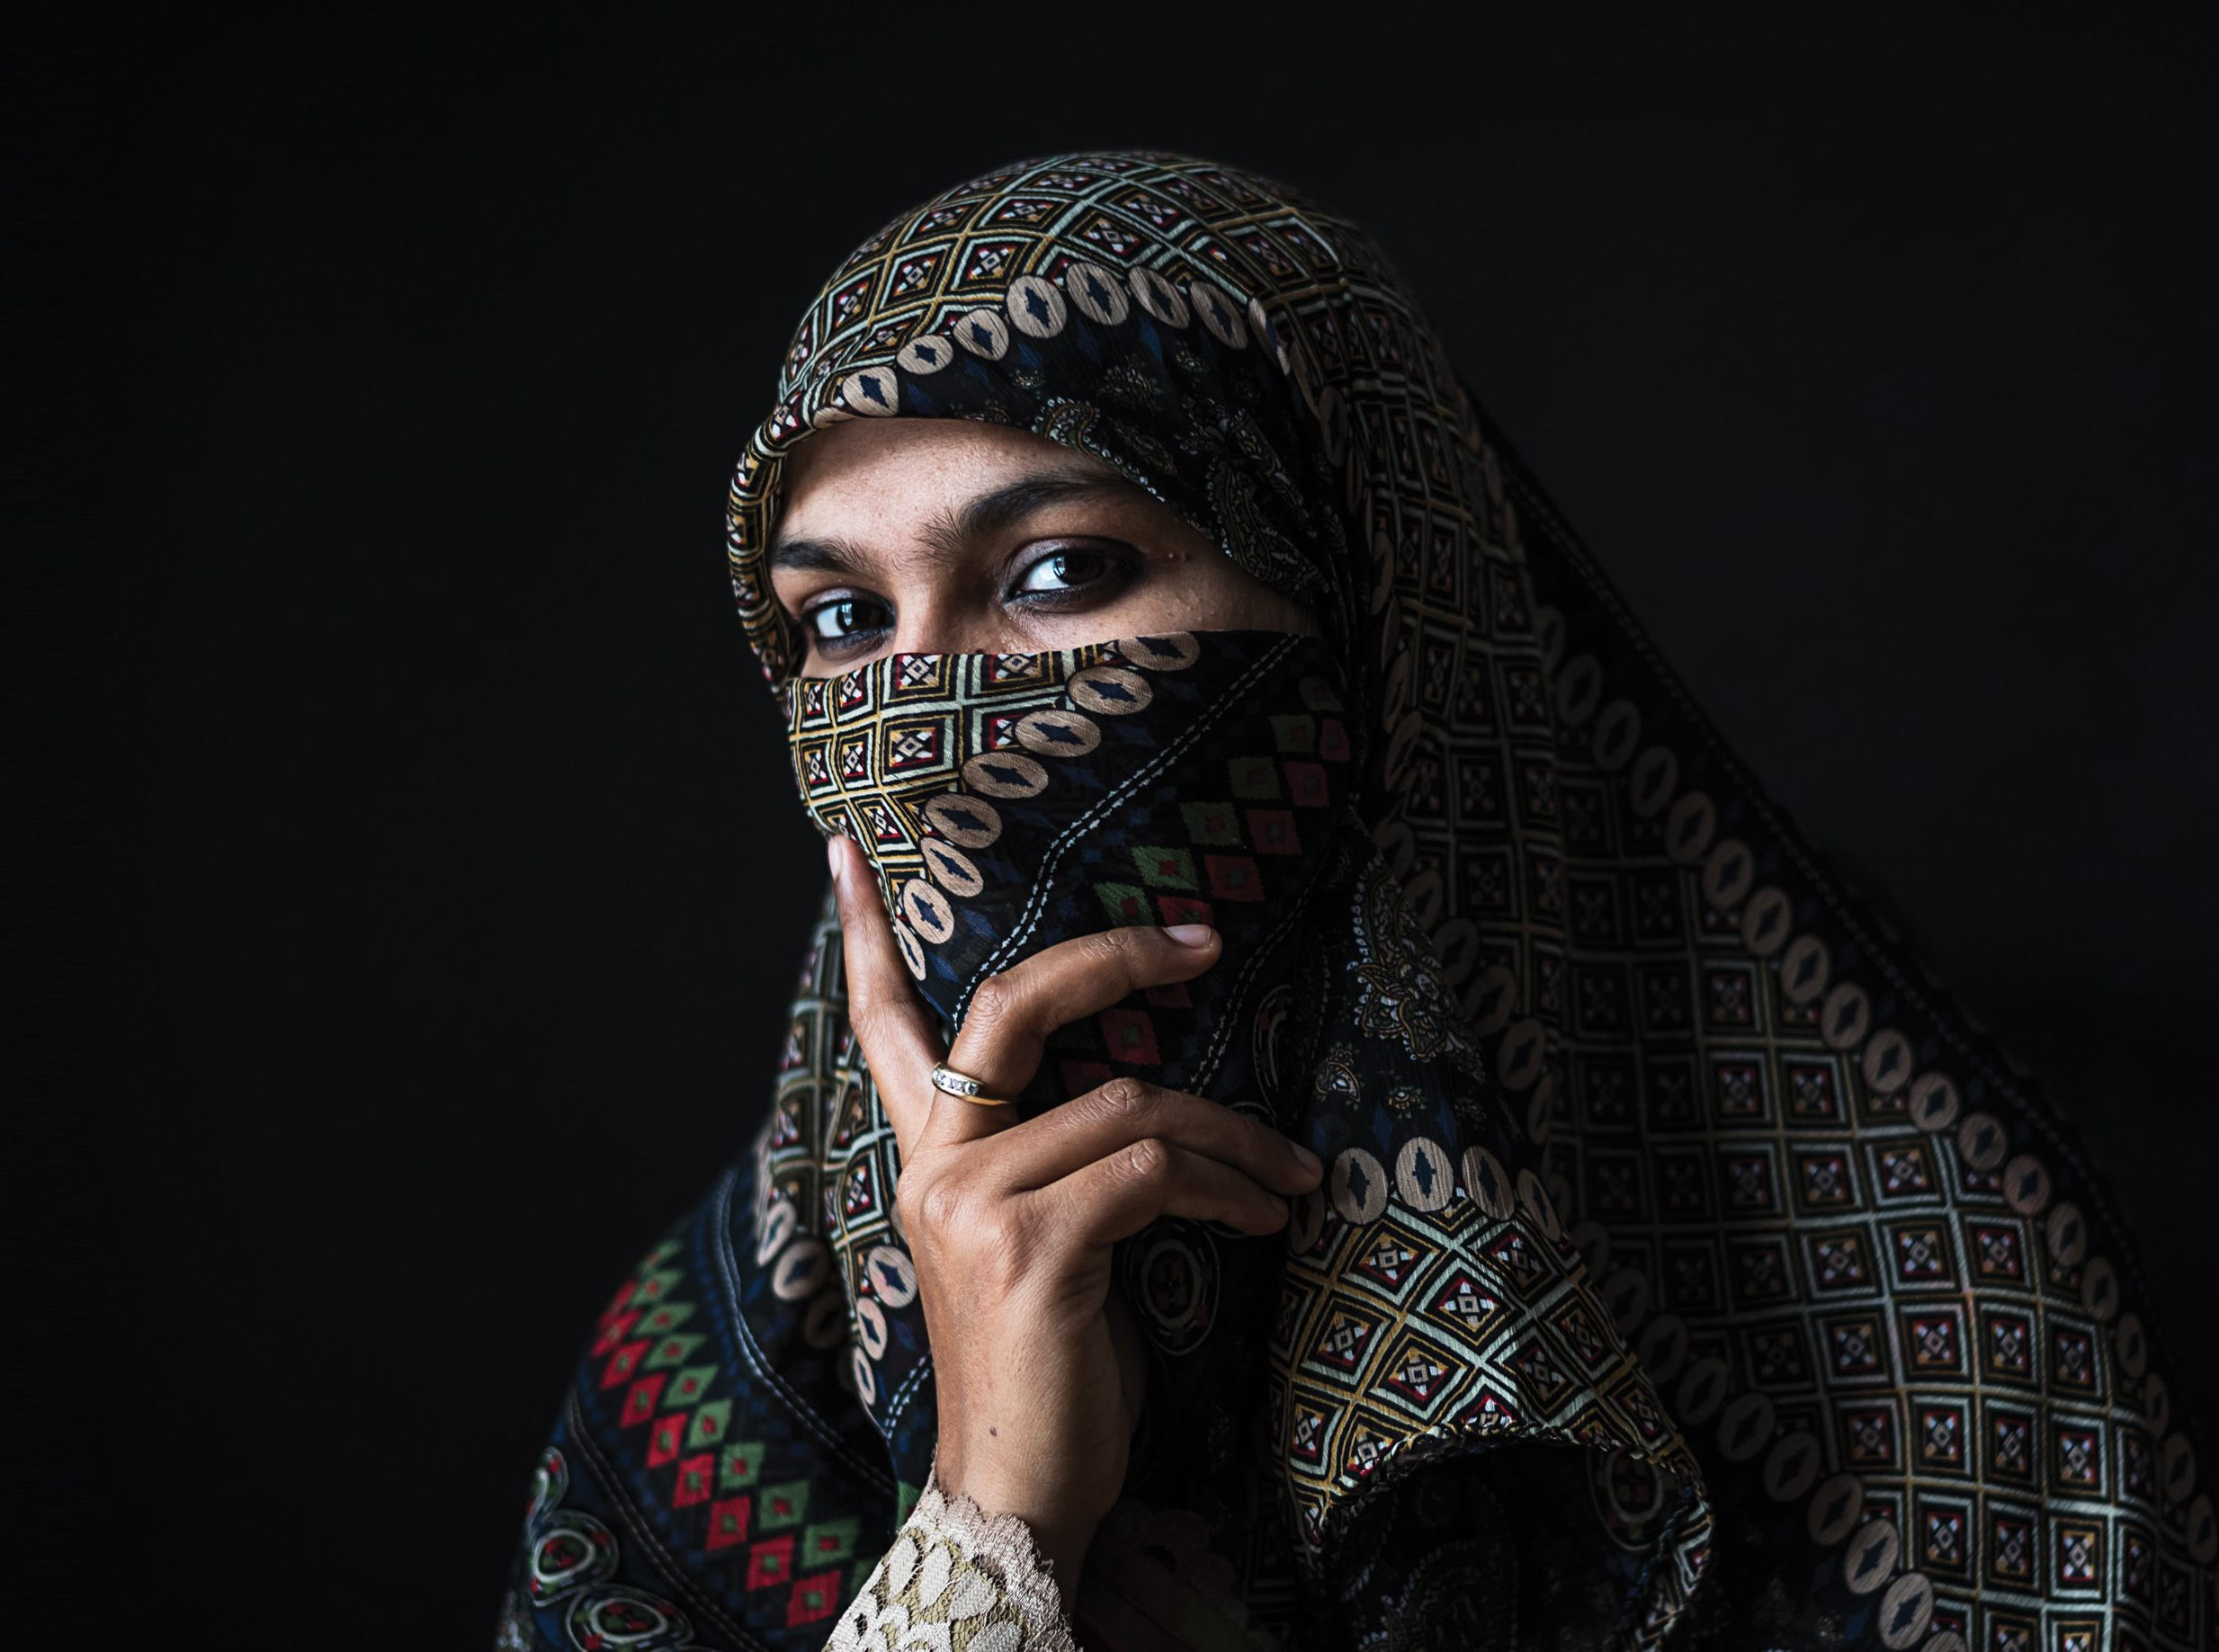 Исламофоб предстал перед судом за длинный язык